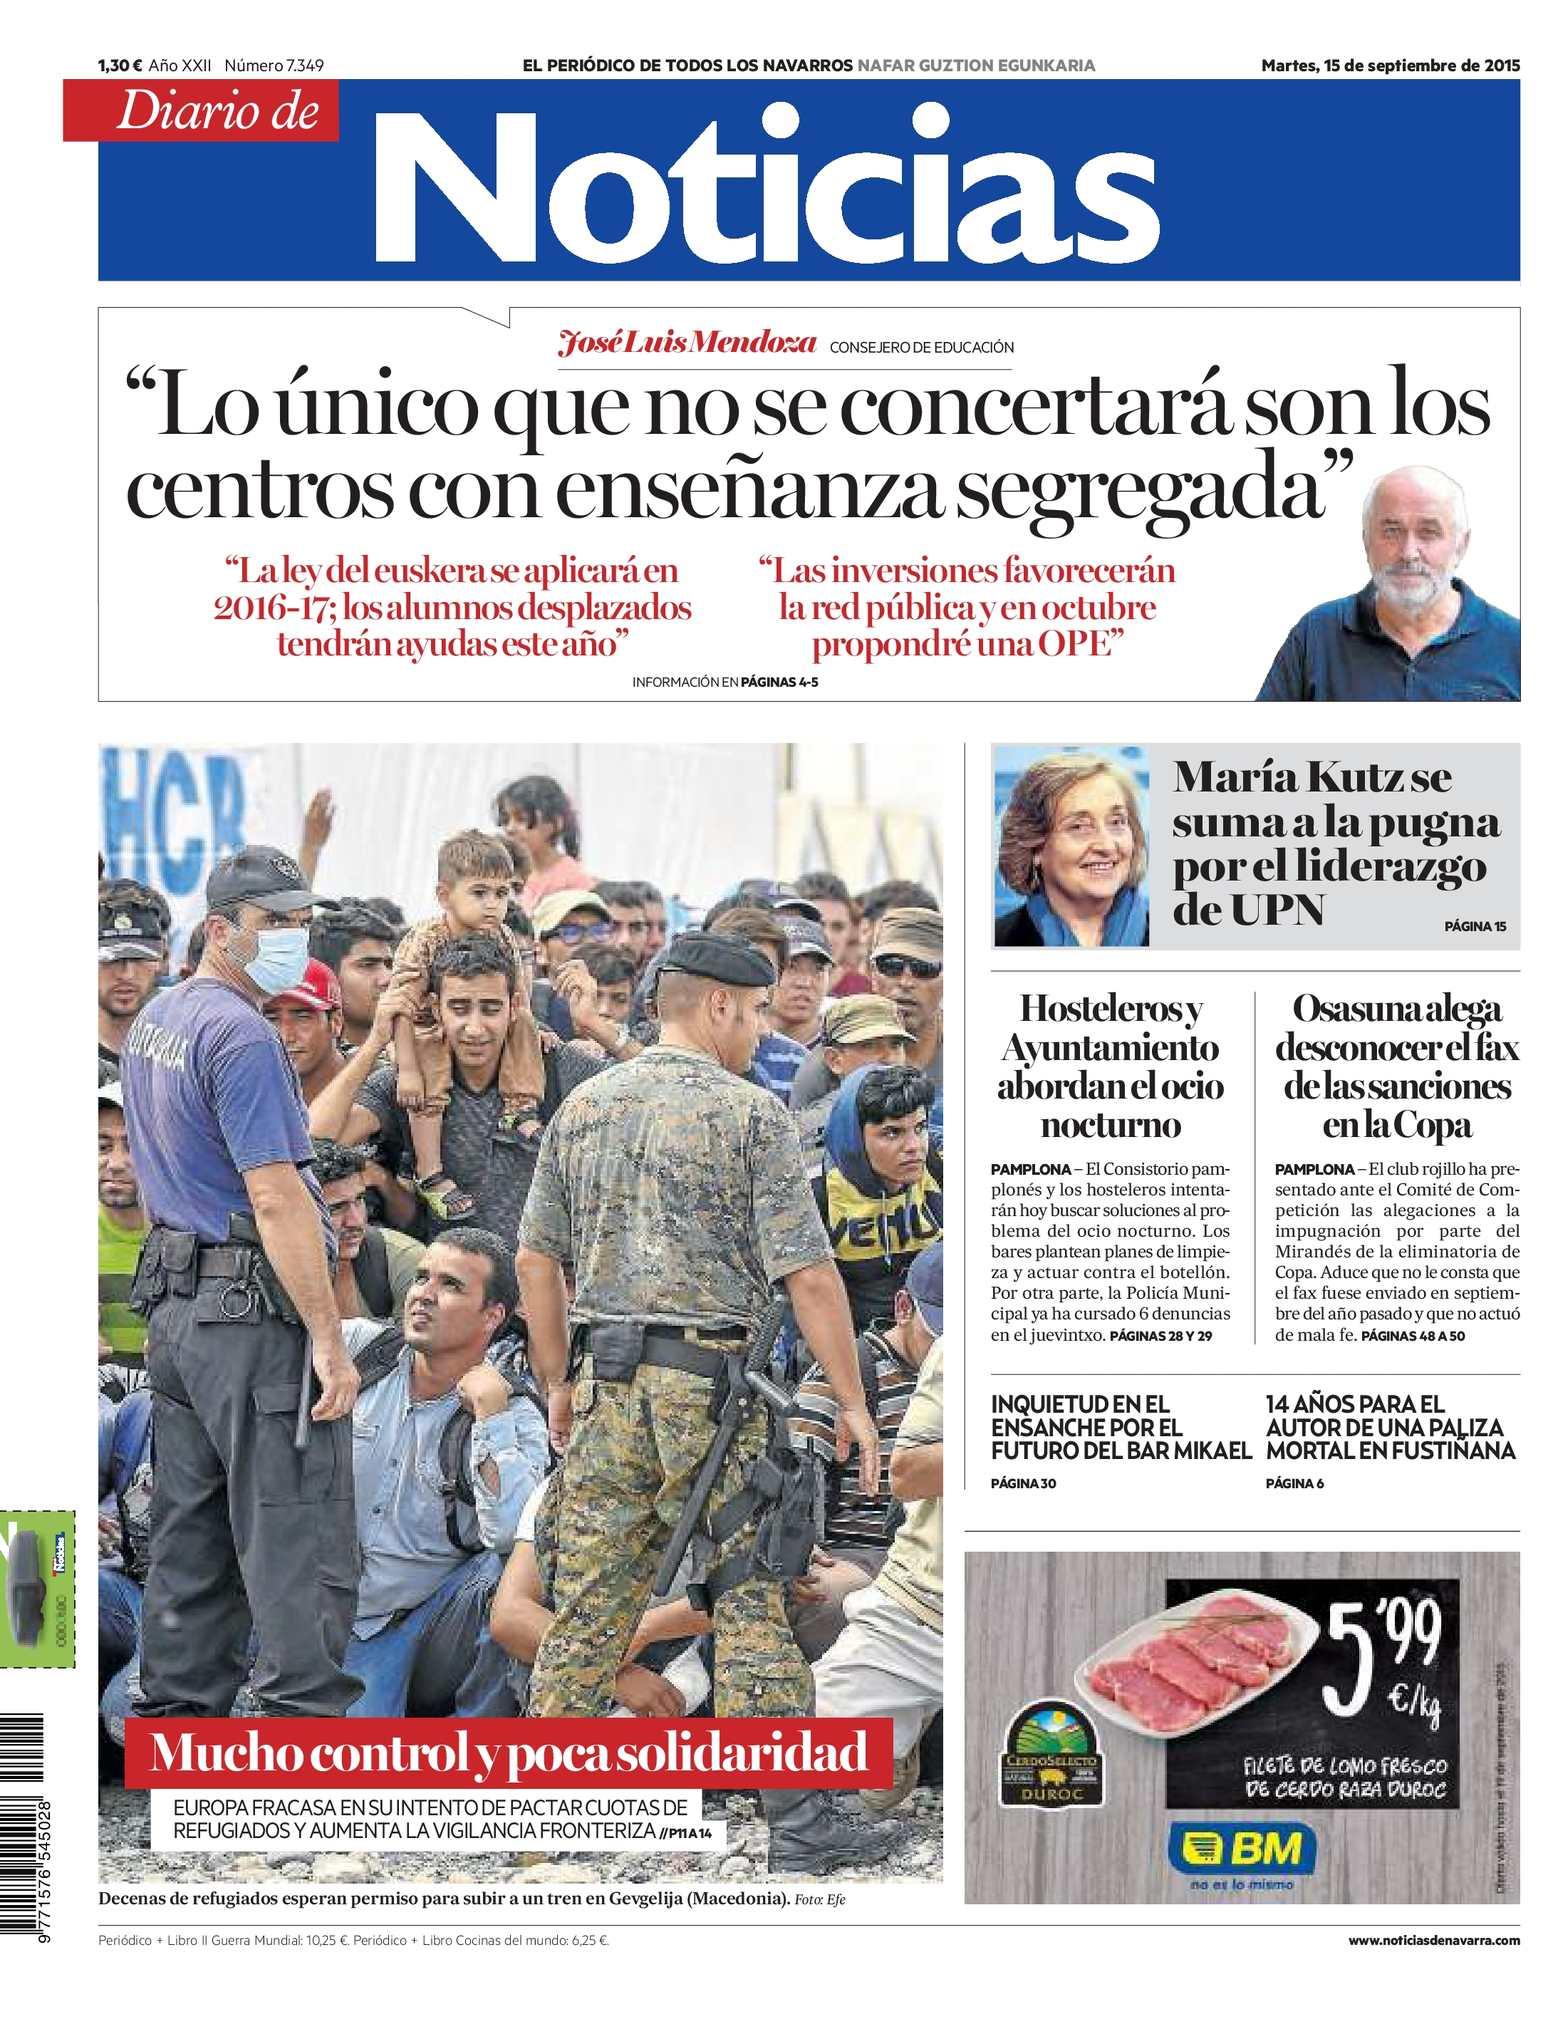 Calaméo Diario De Noticias 20150915